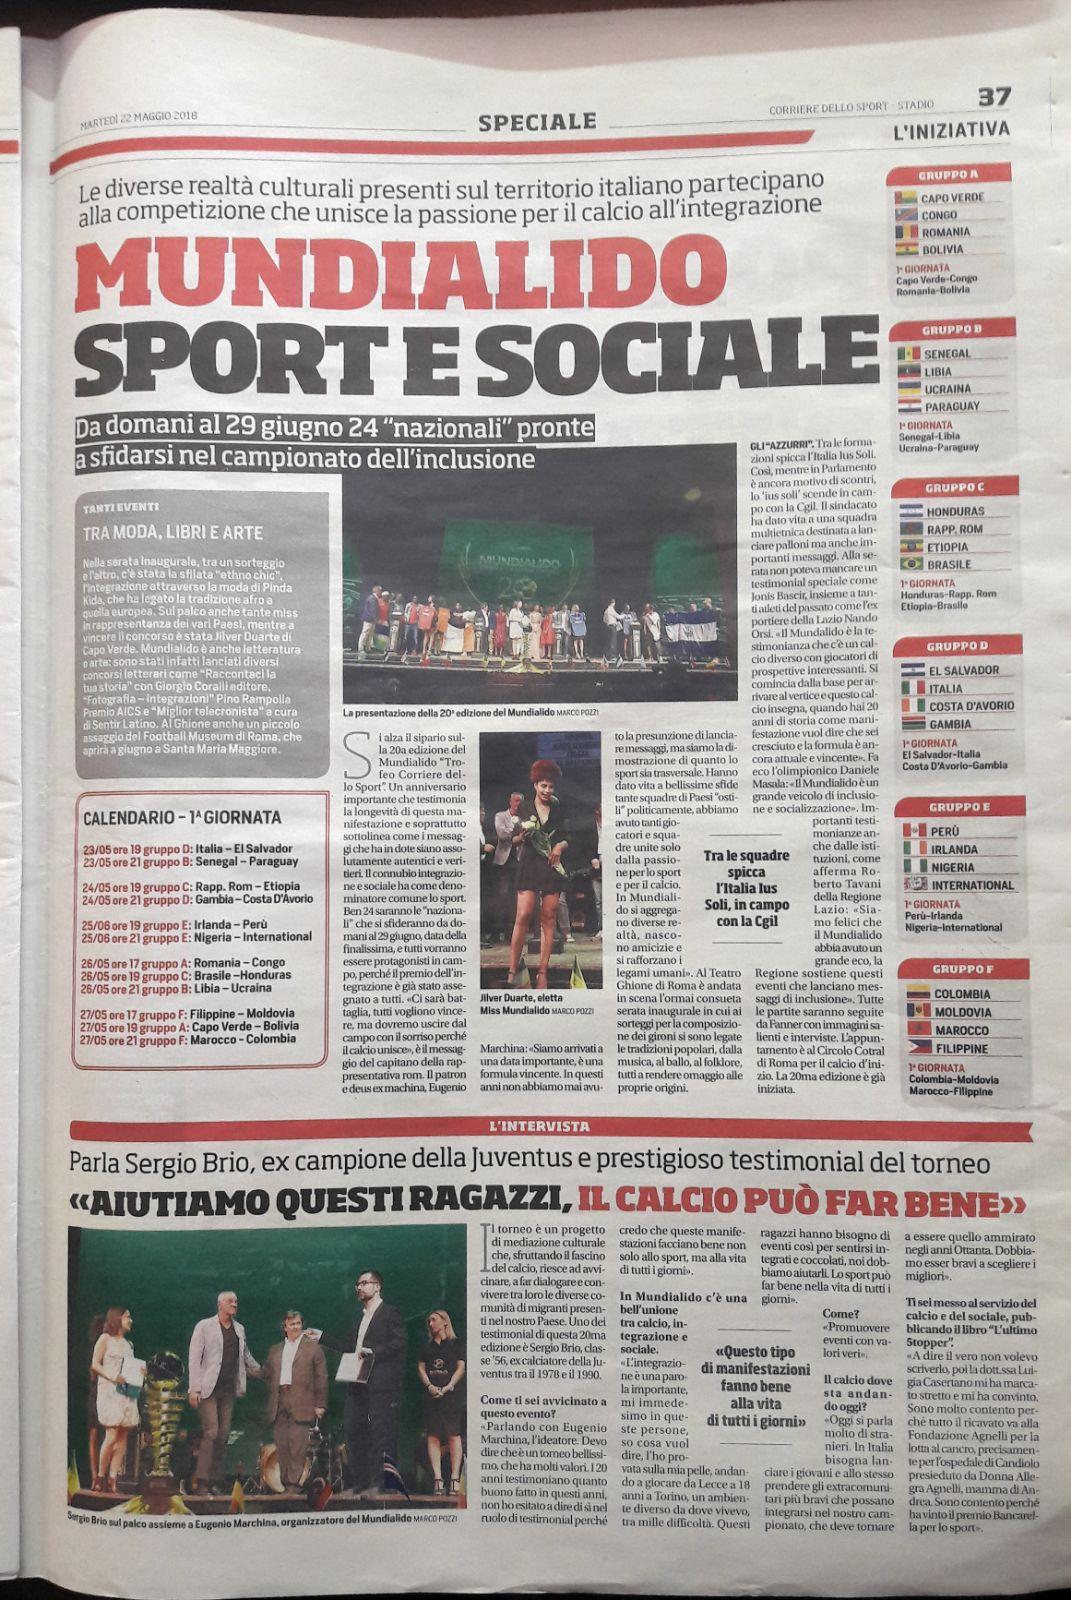 Corriere Dello Sport Calendario.Anche Il Corriere Dello Sport Parla Di Voi Mundialido